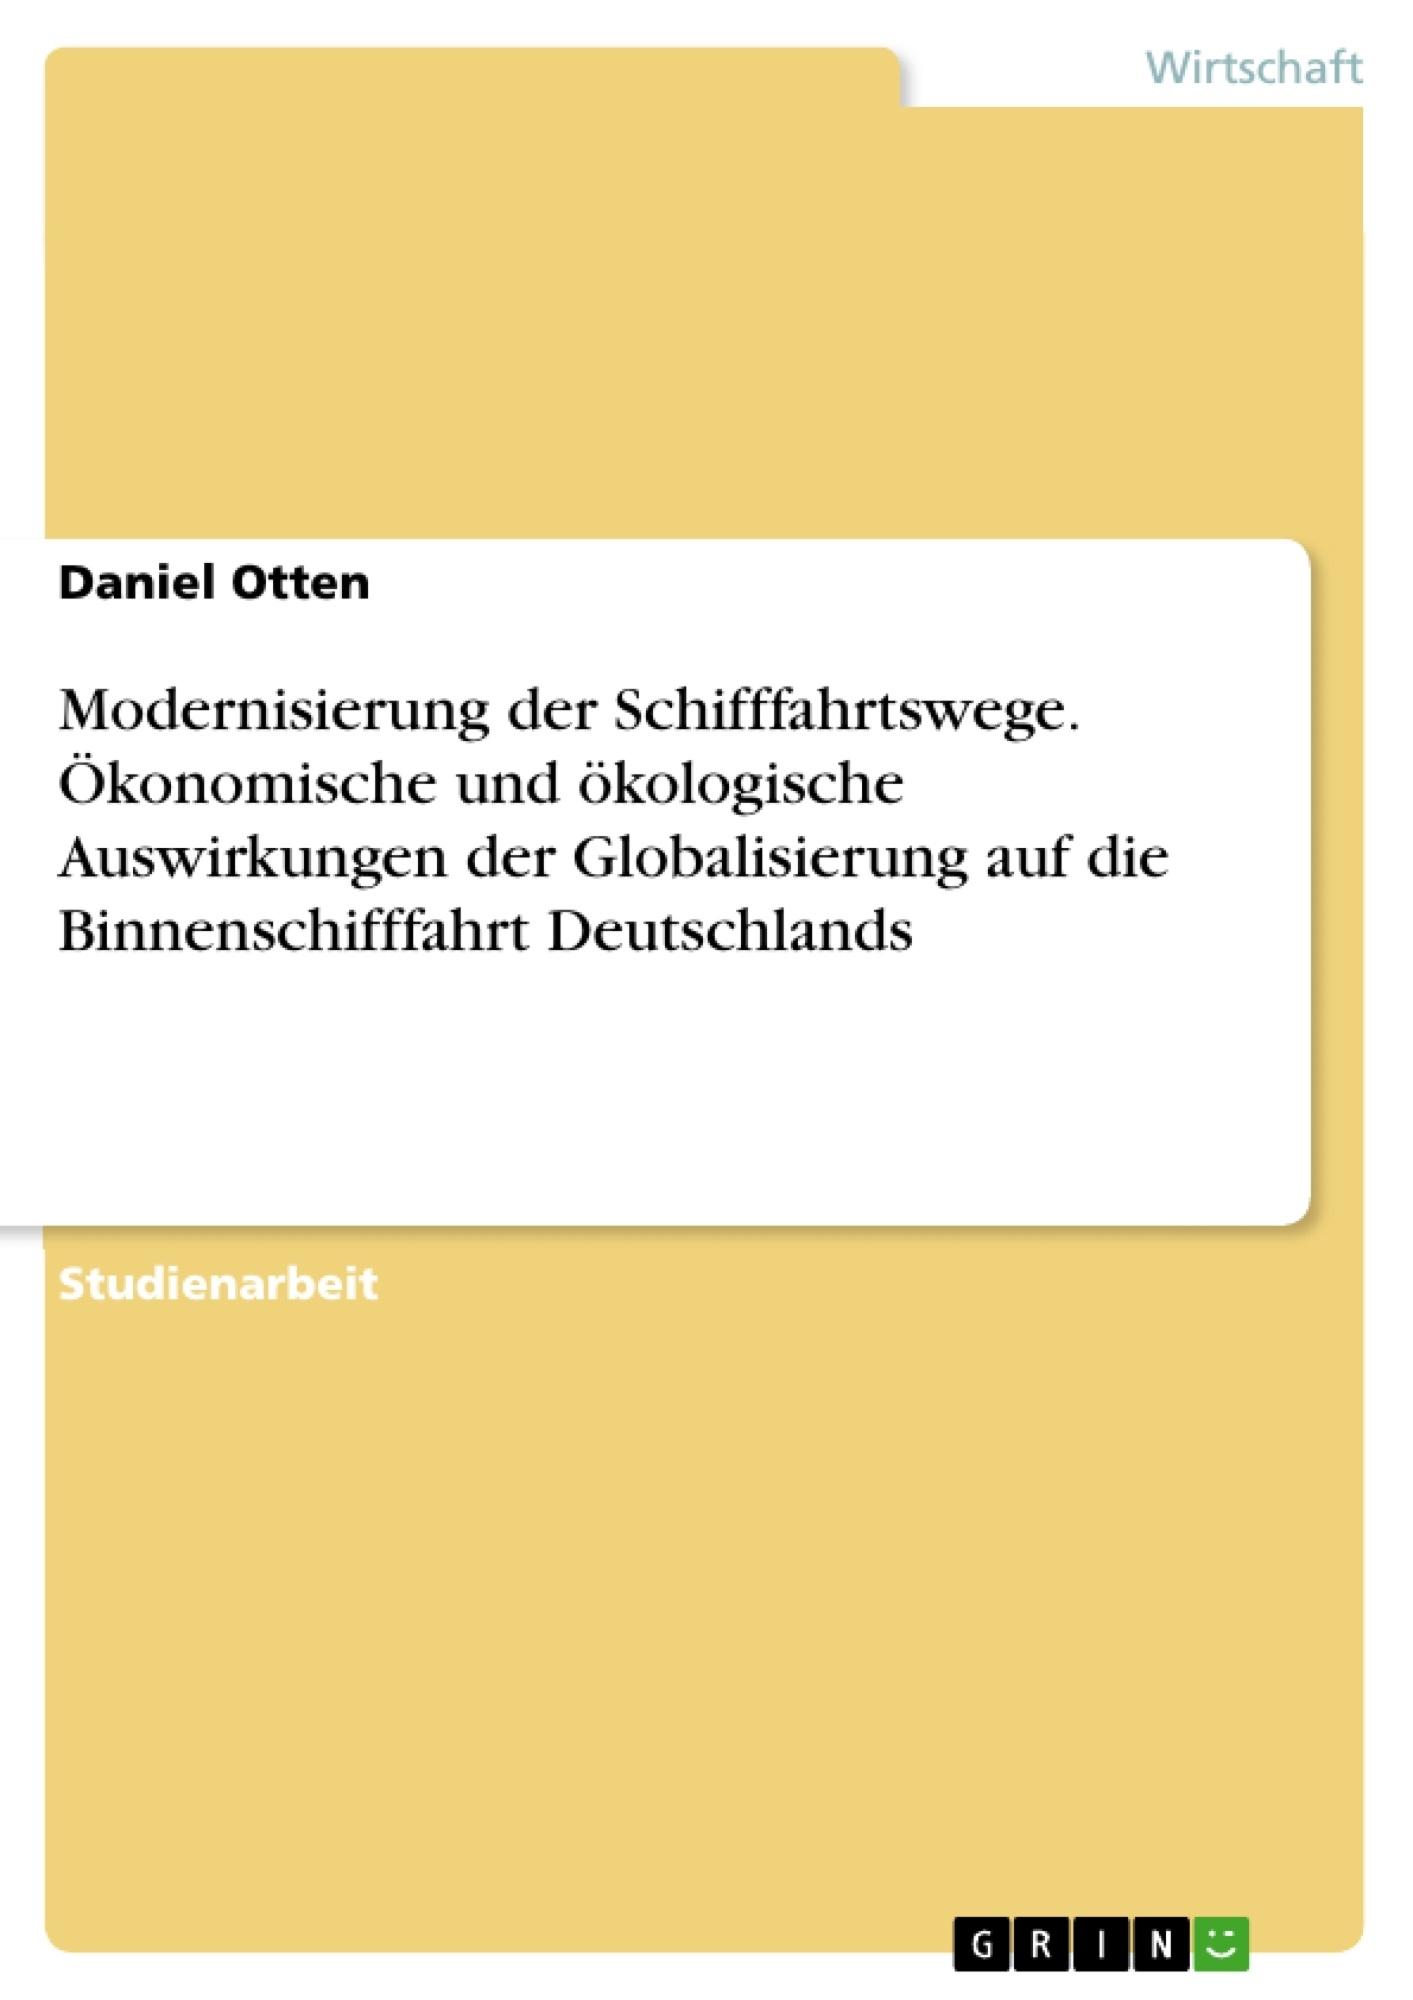 Titel: Modernisierung der Schifffahrtswege. Ökonomische und ökologische Auswirkungen der Globalisierung auf die Binnenschifffahrt Deutschlands